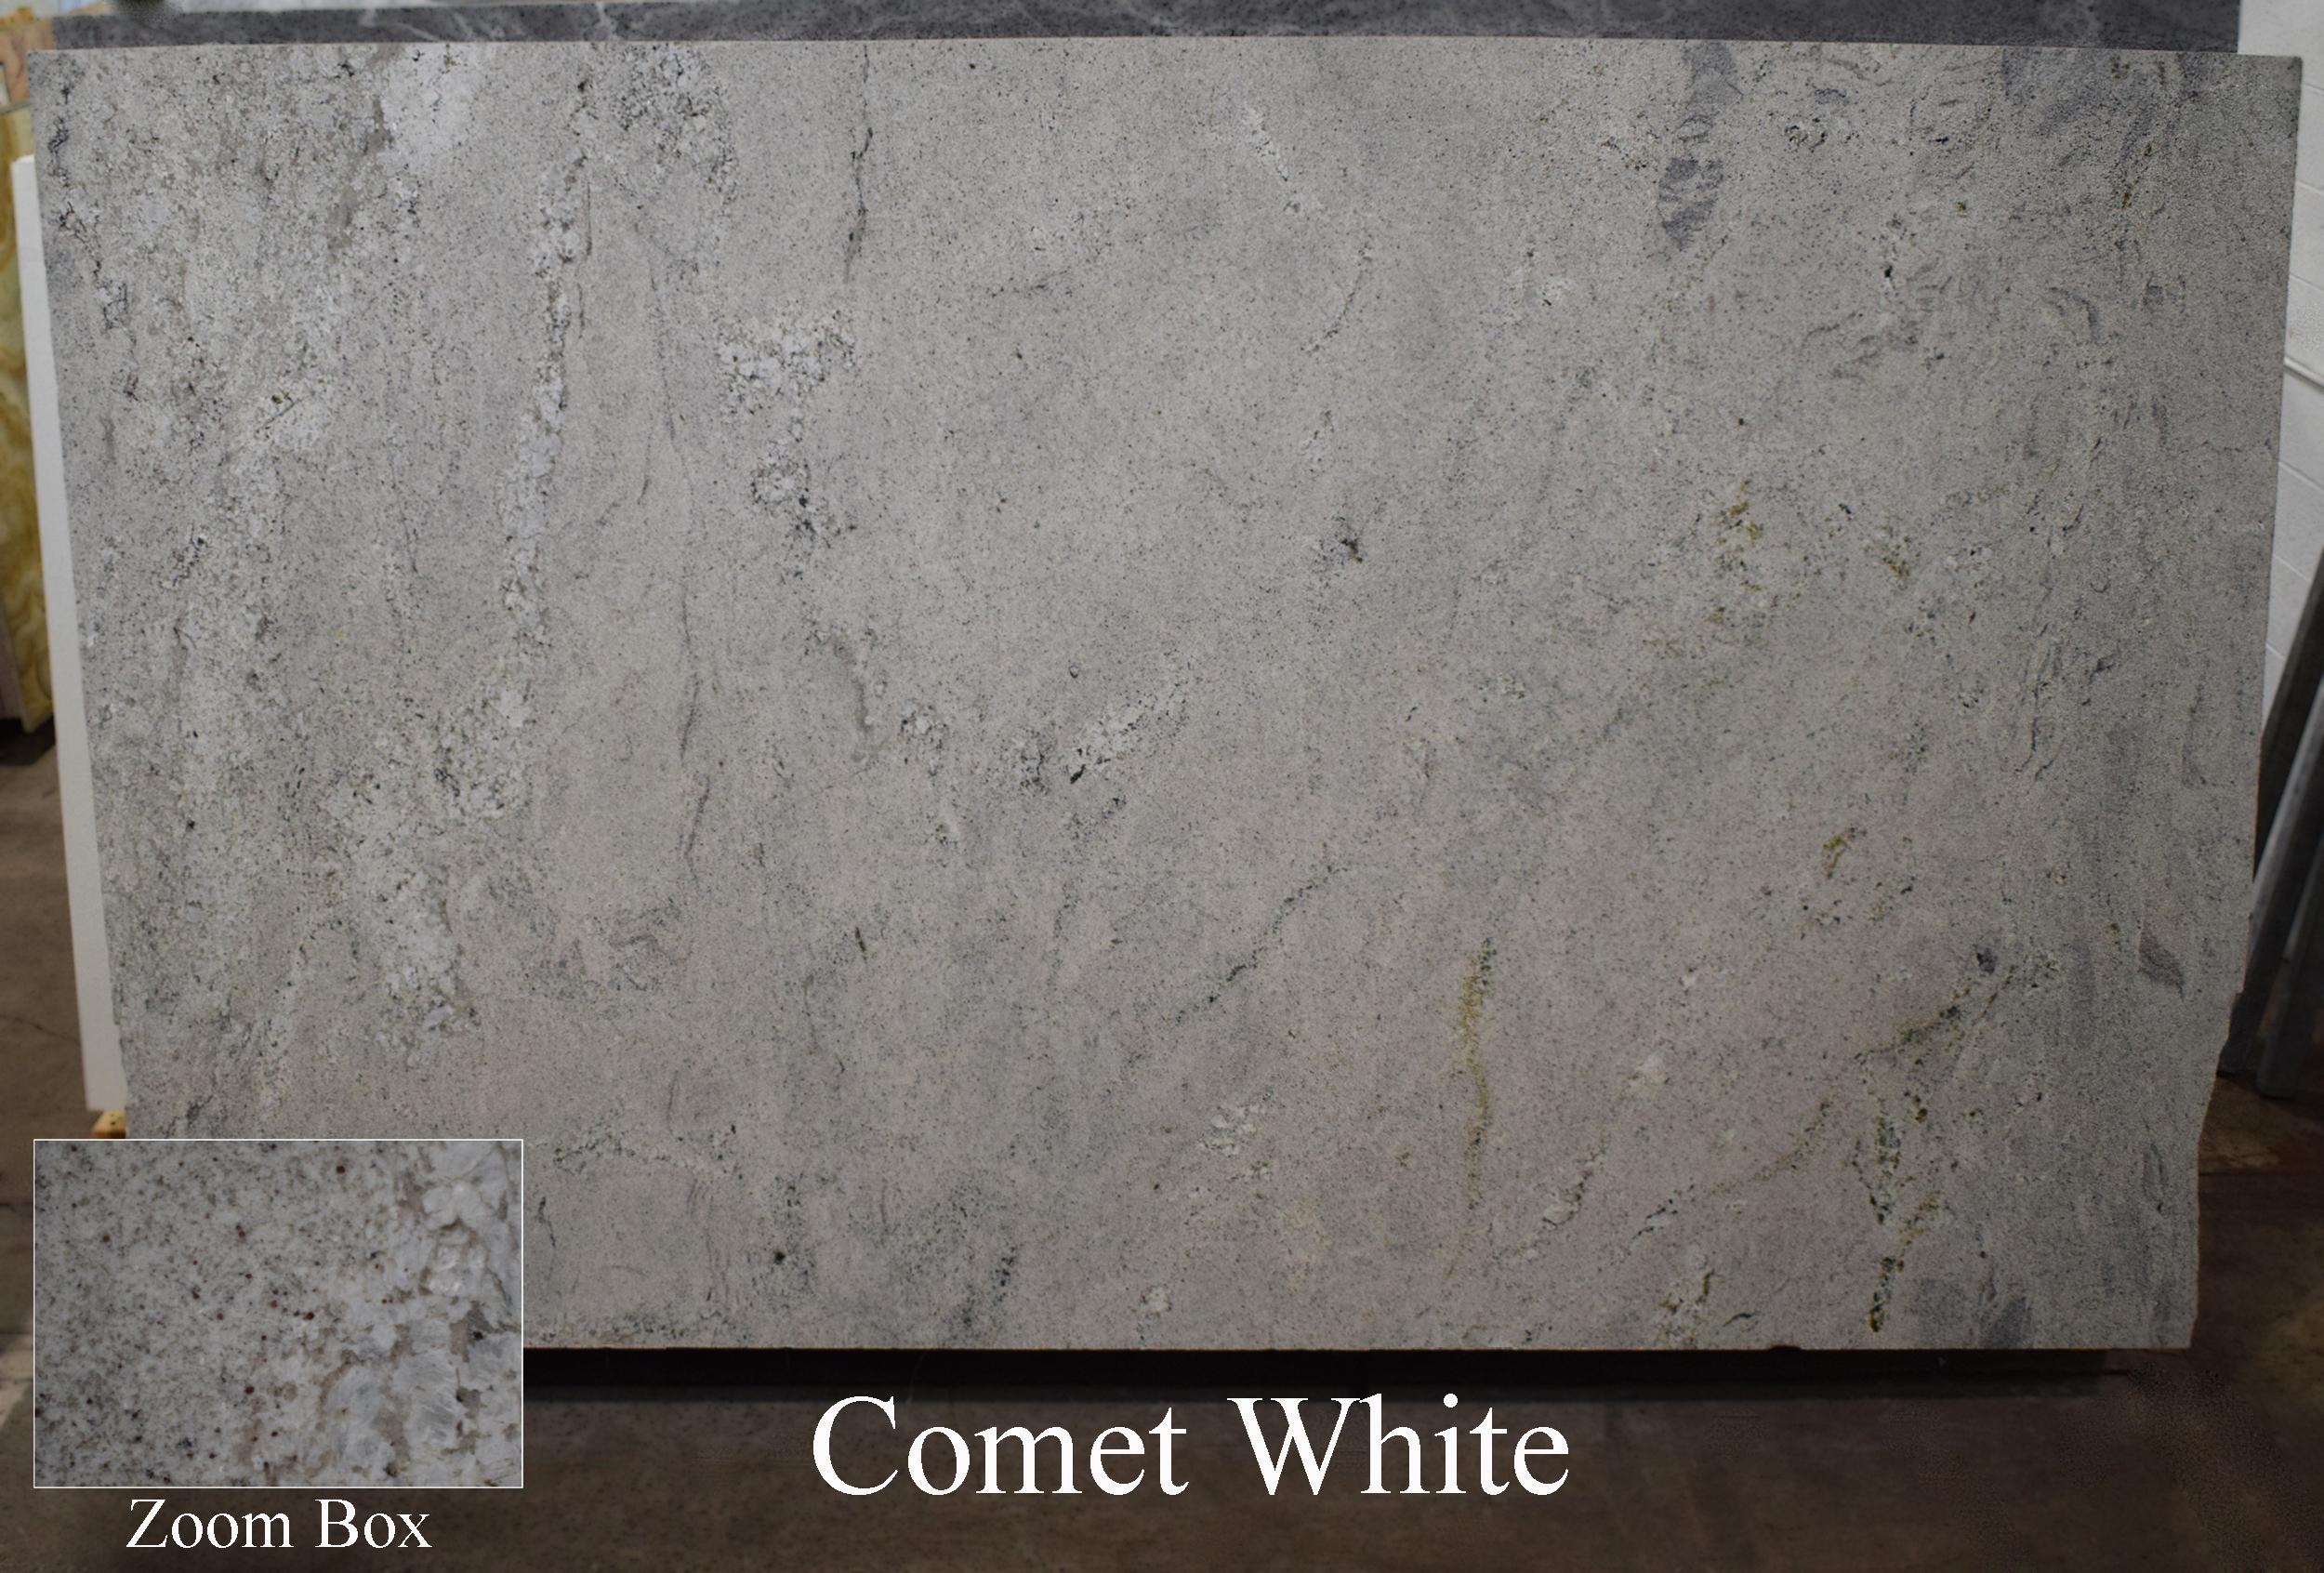 COMET WHITE